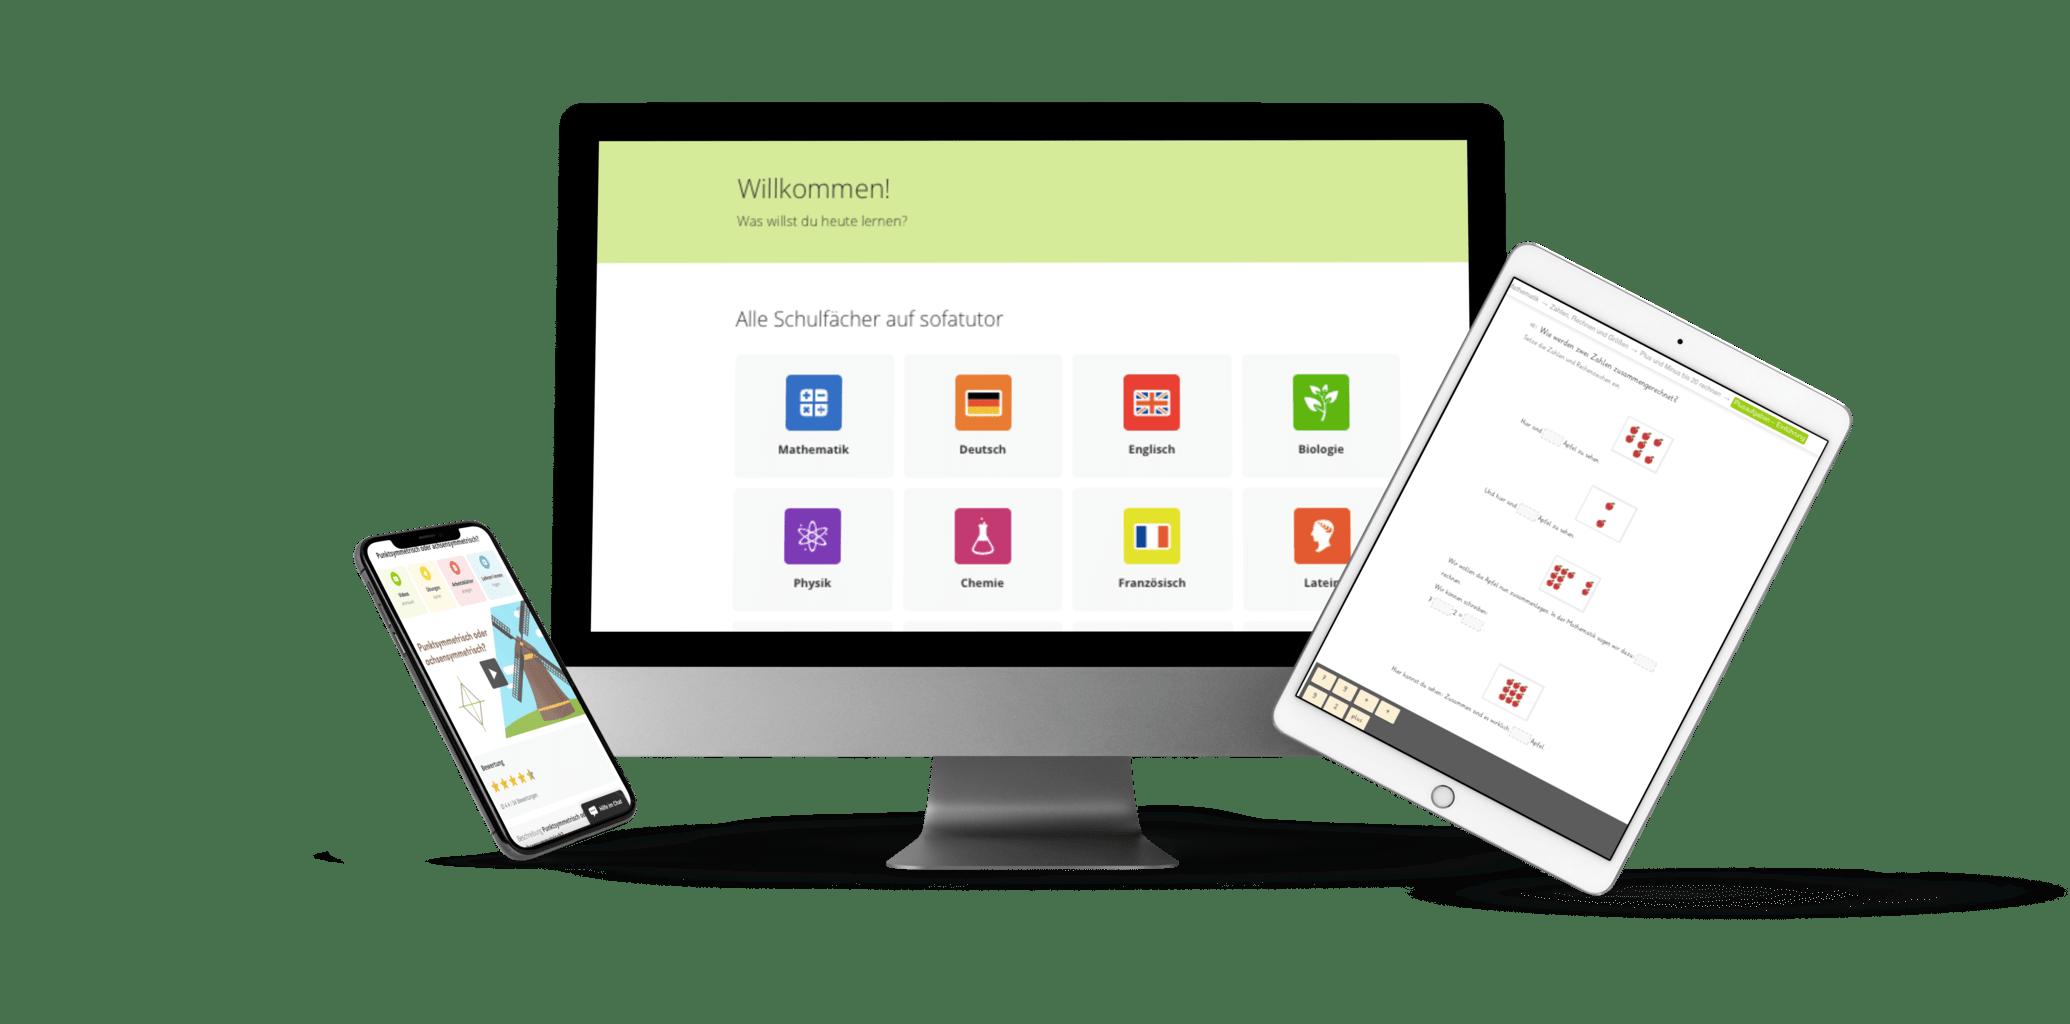 Darstellung App kompatibel Sofatutor